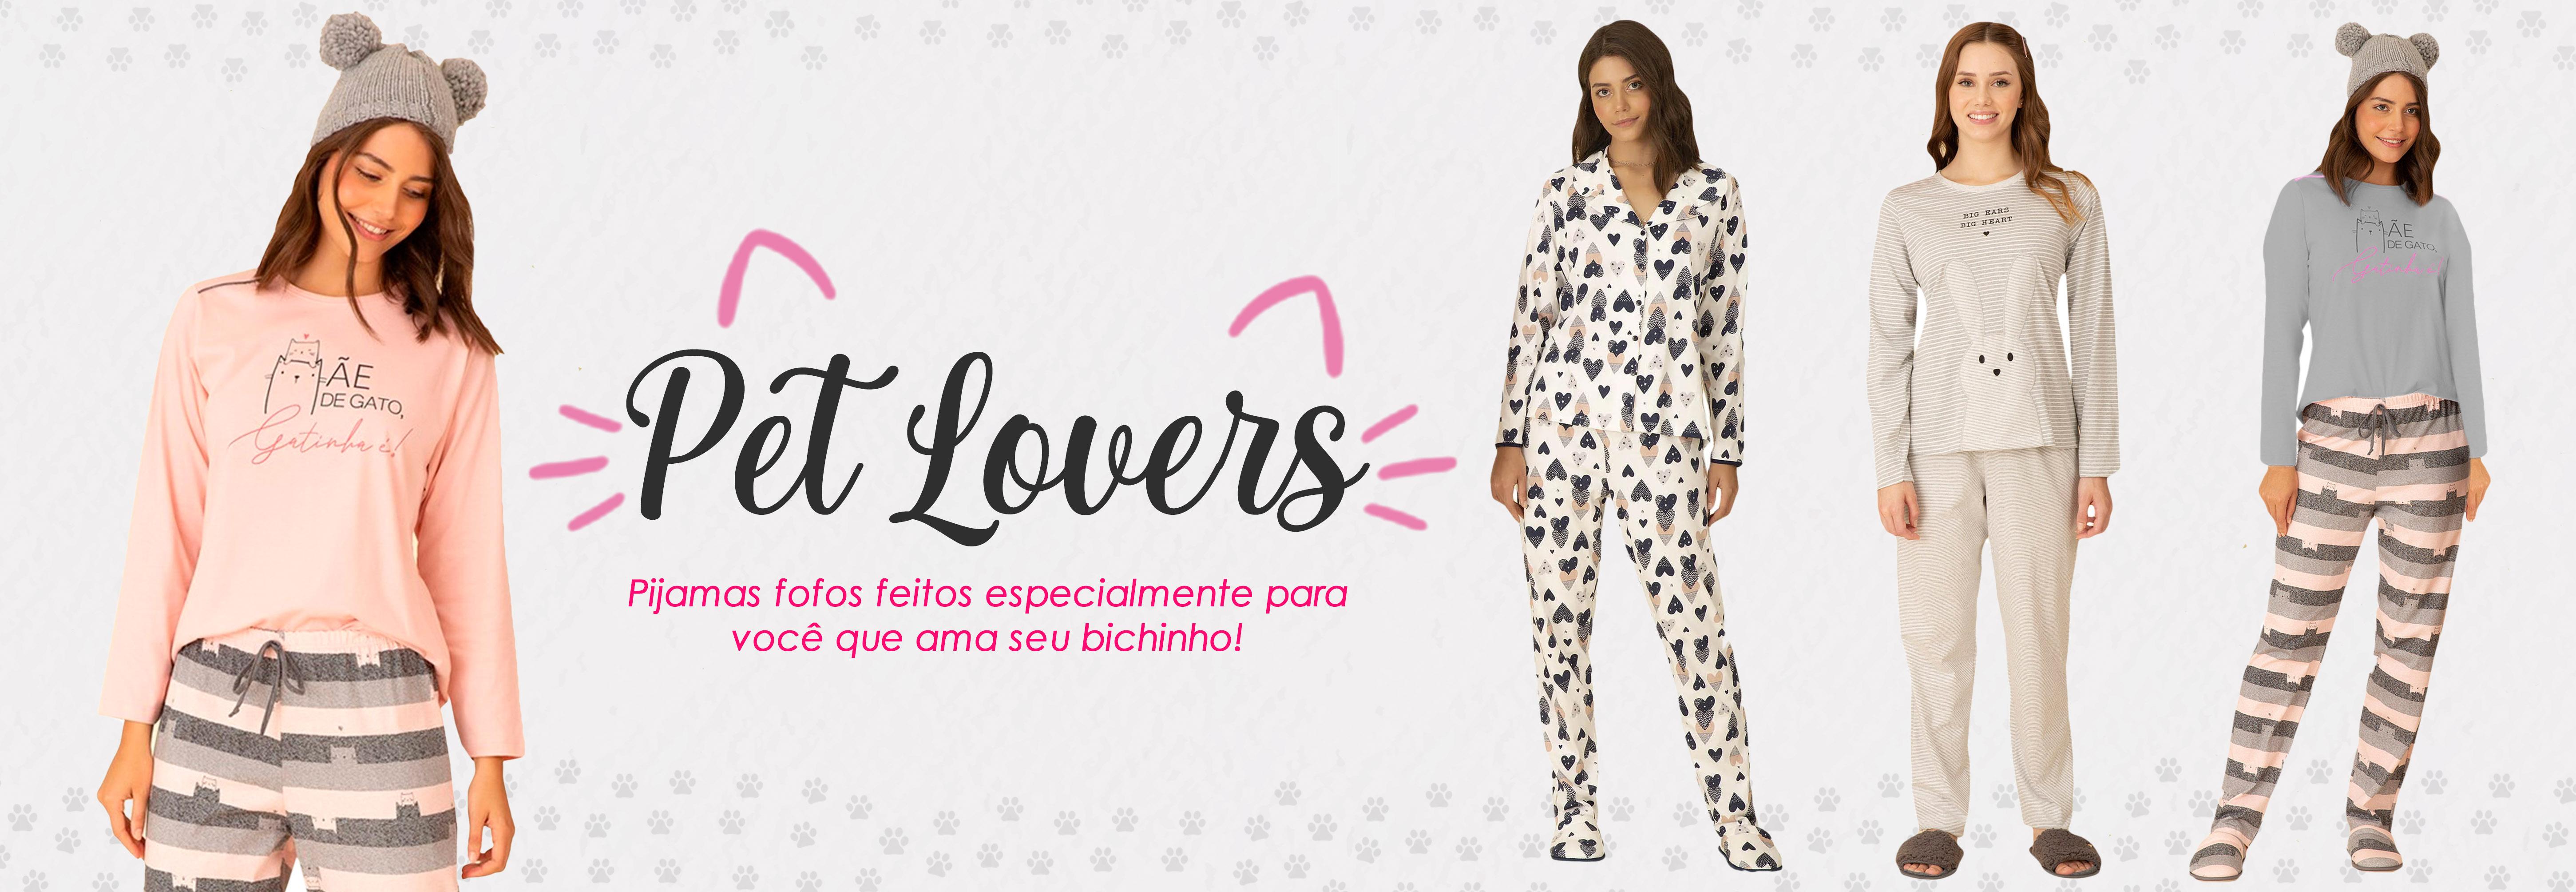 pijamas pra quem ama pets! 😍 🐶